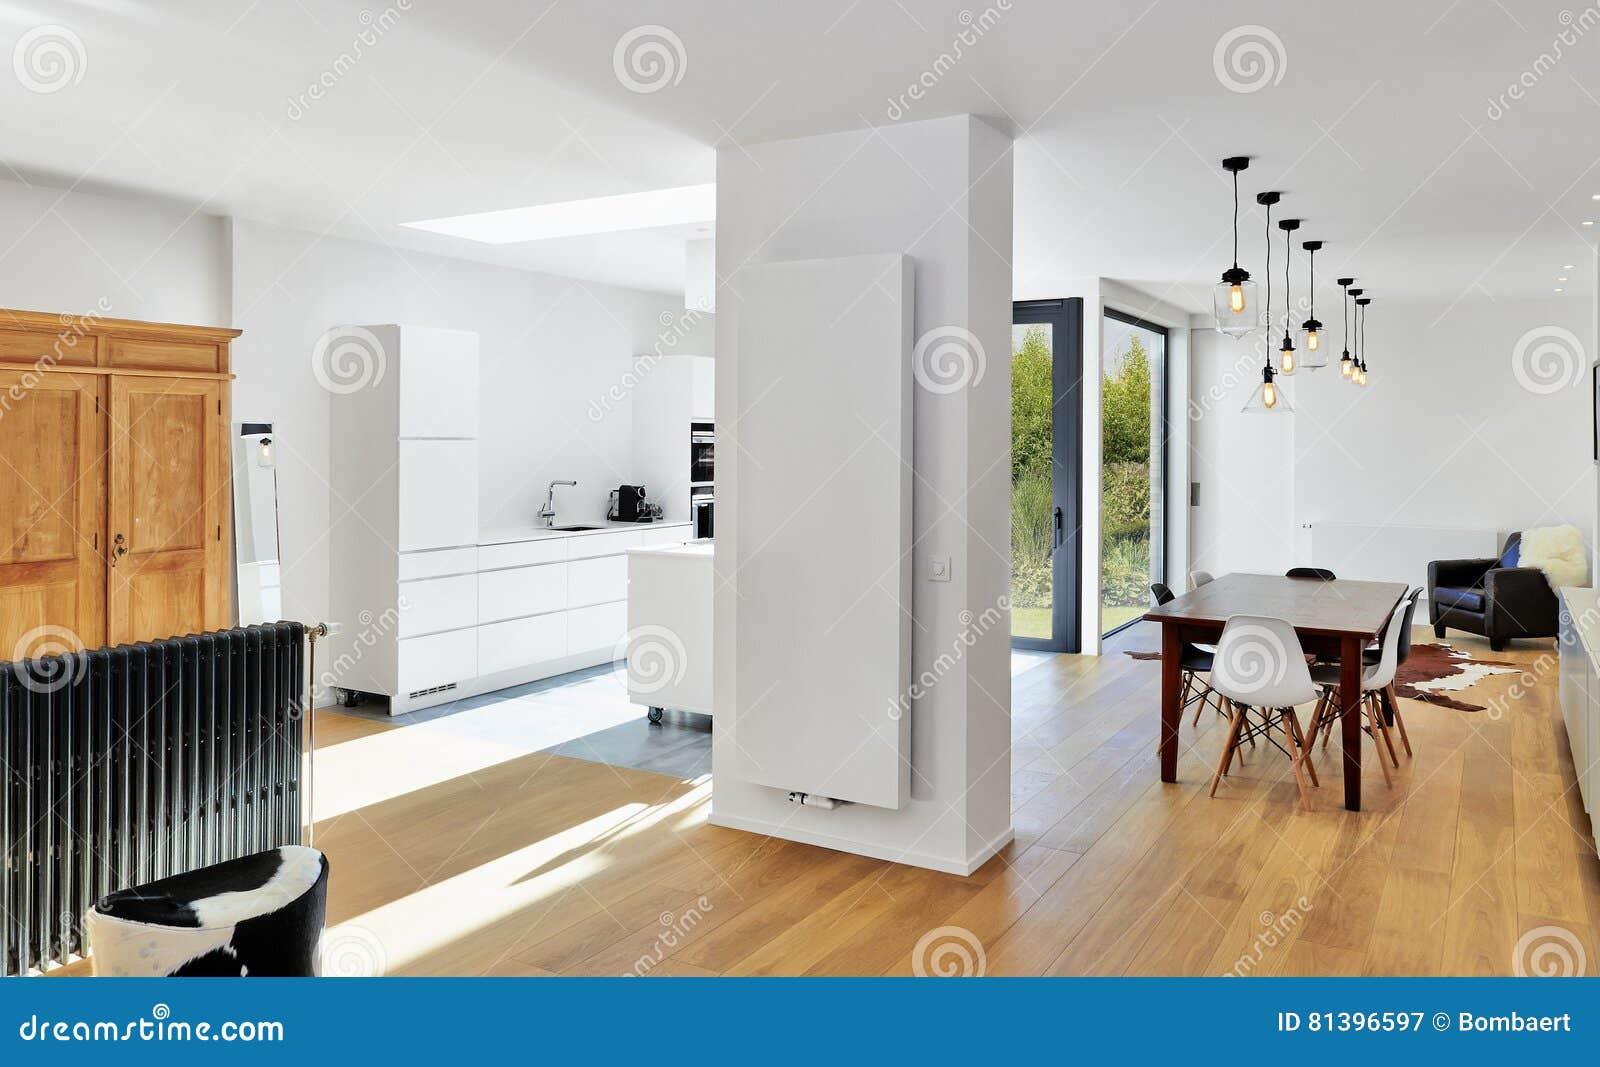 Salone E Cucina Di Lusso Moderni Immagine Stock - Immagine di ...